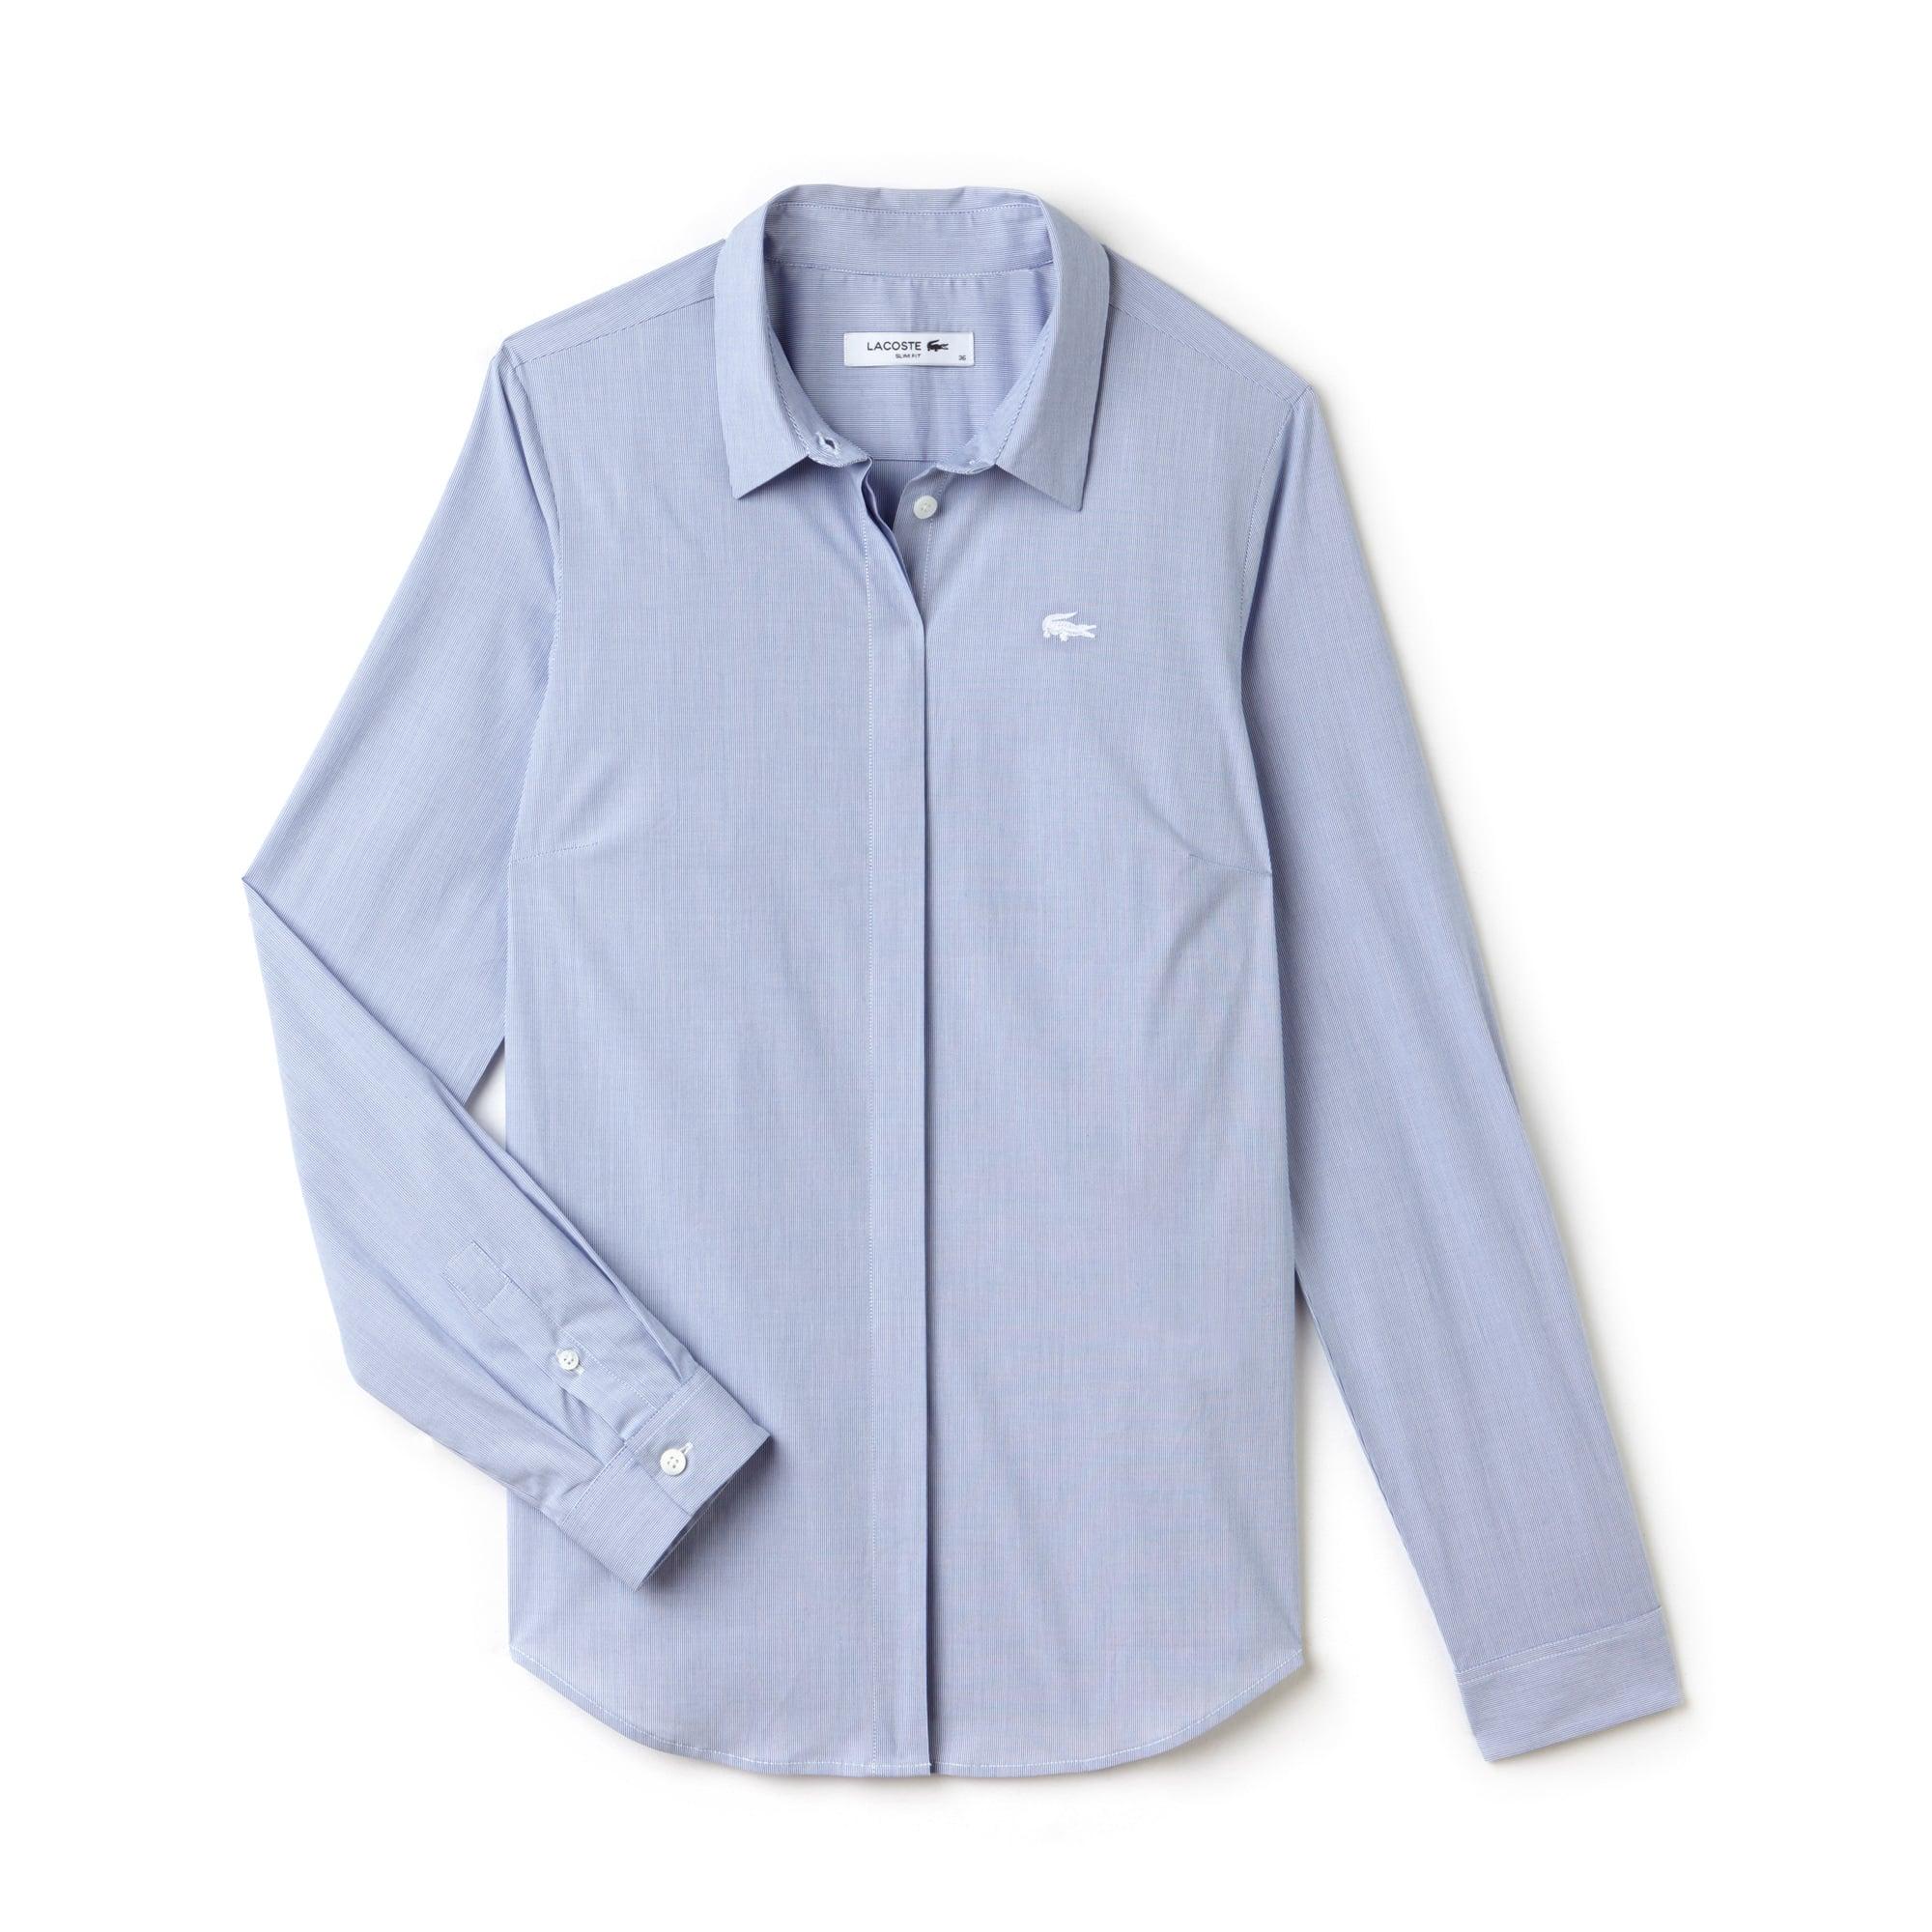 Camisa slim fit em popelina de algodão stretch às riscas